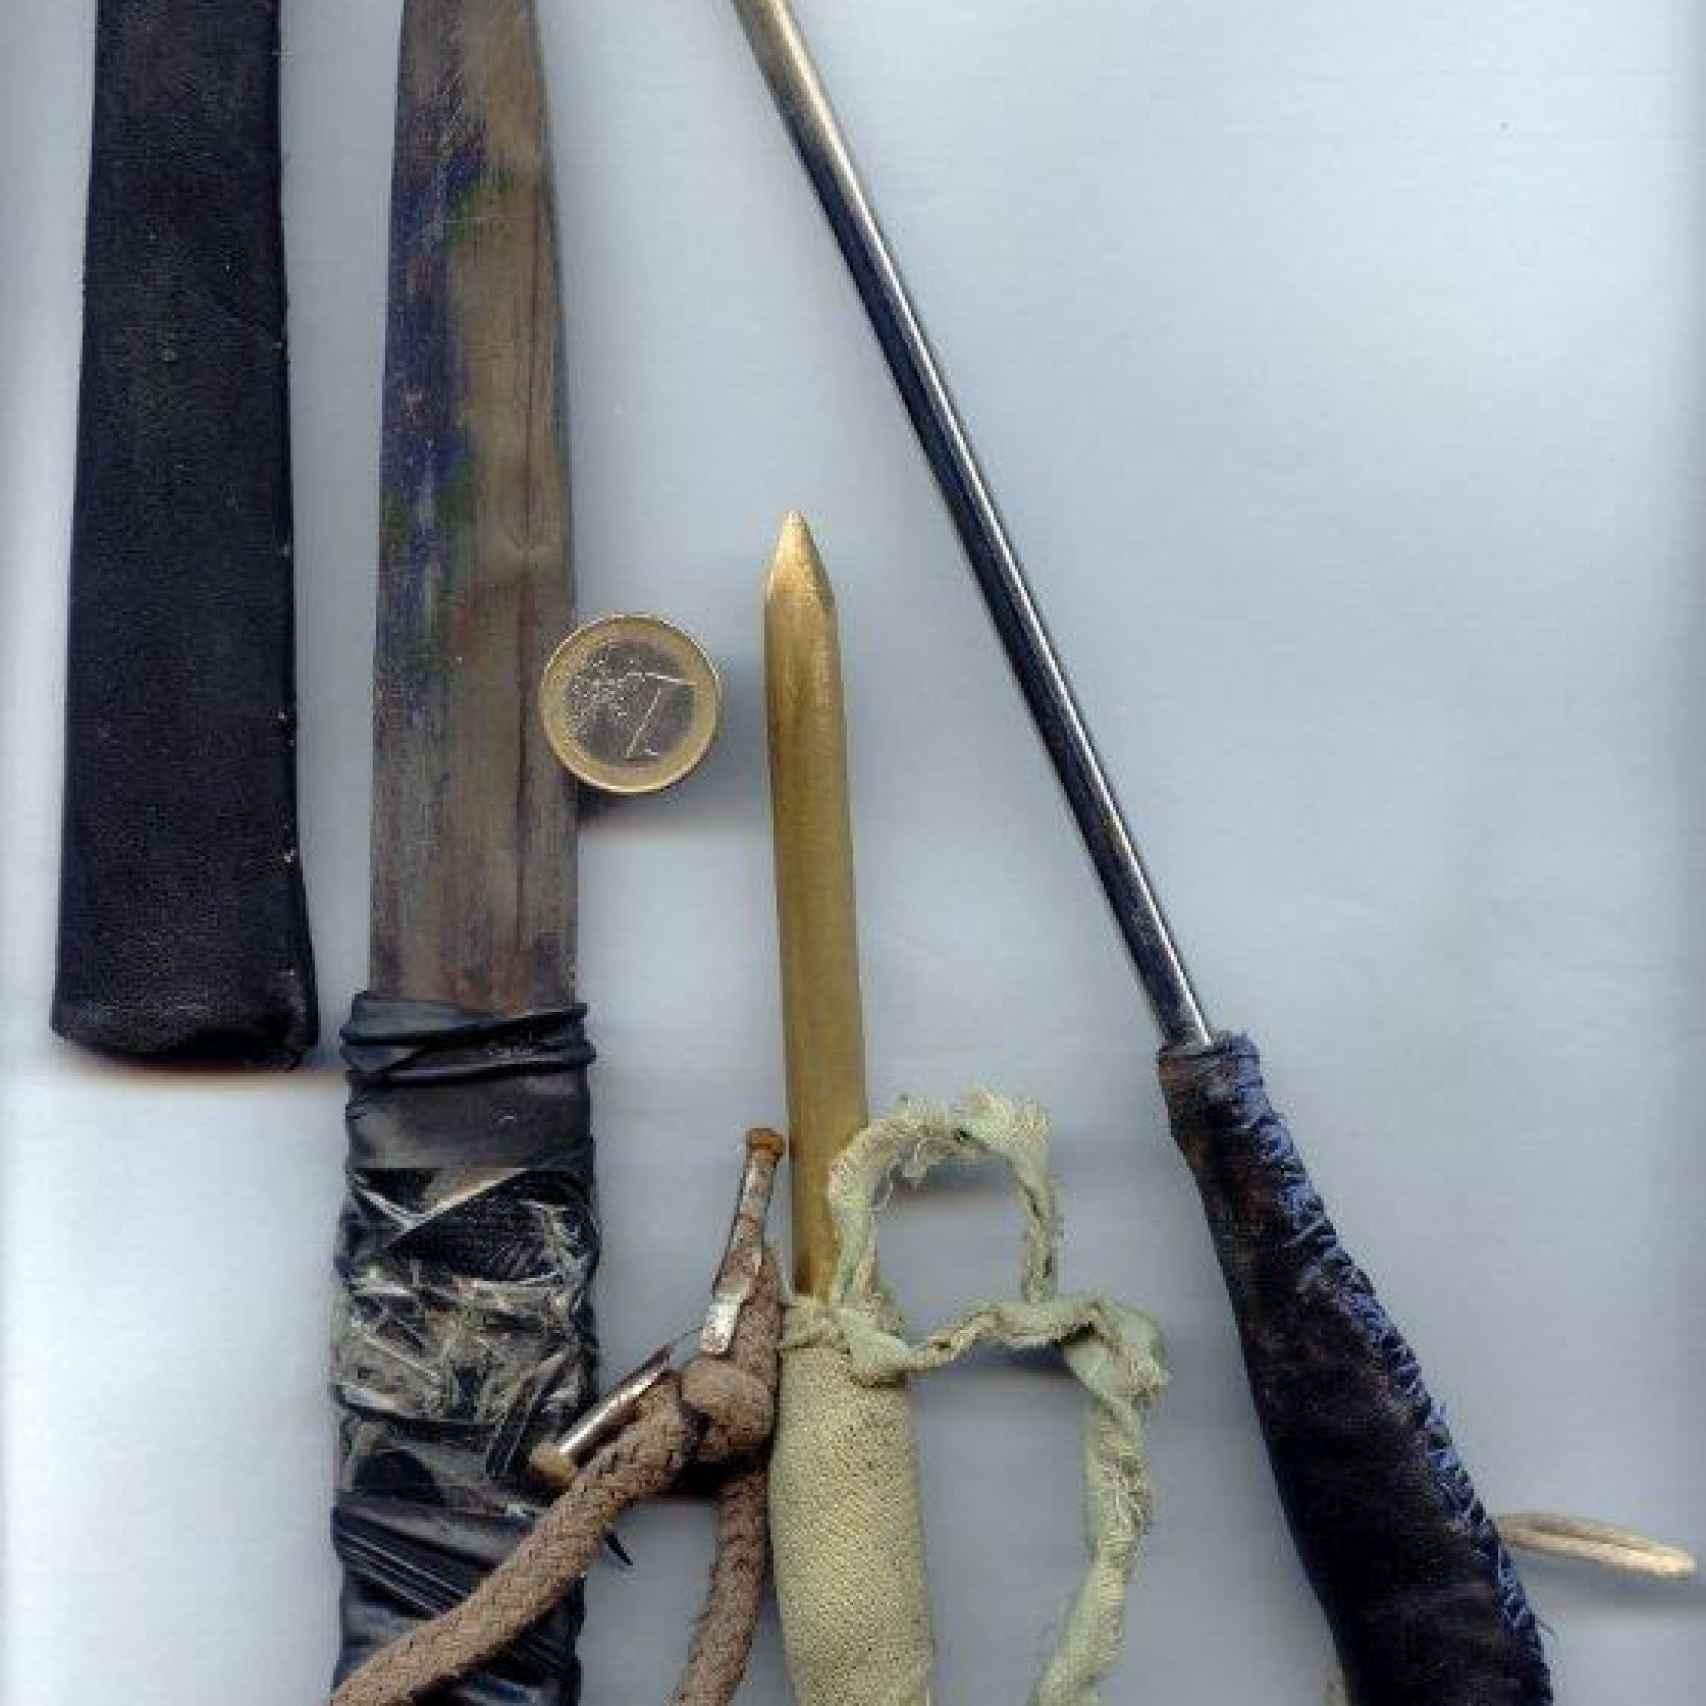 Pinchos decomisados a los presos, quienes los fabrican a mano para agredir a funcionarios y a otros reos.